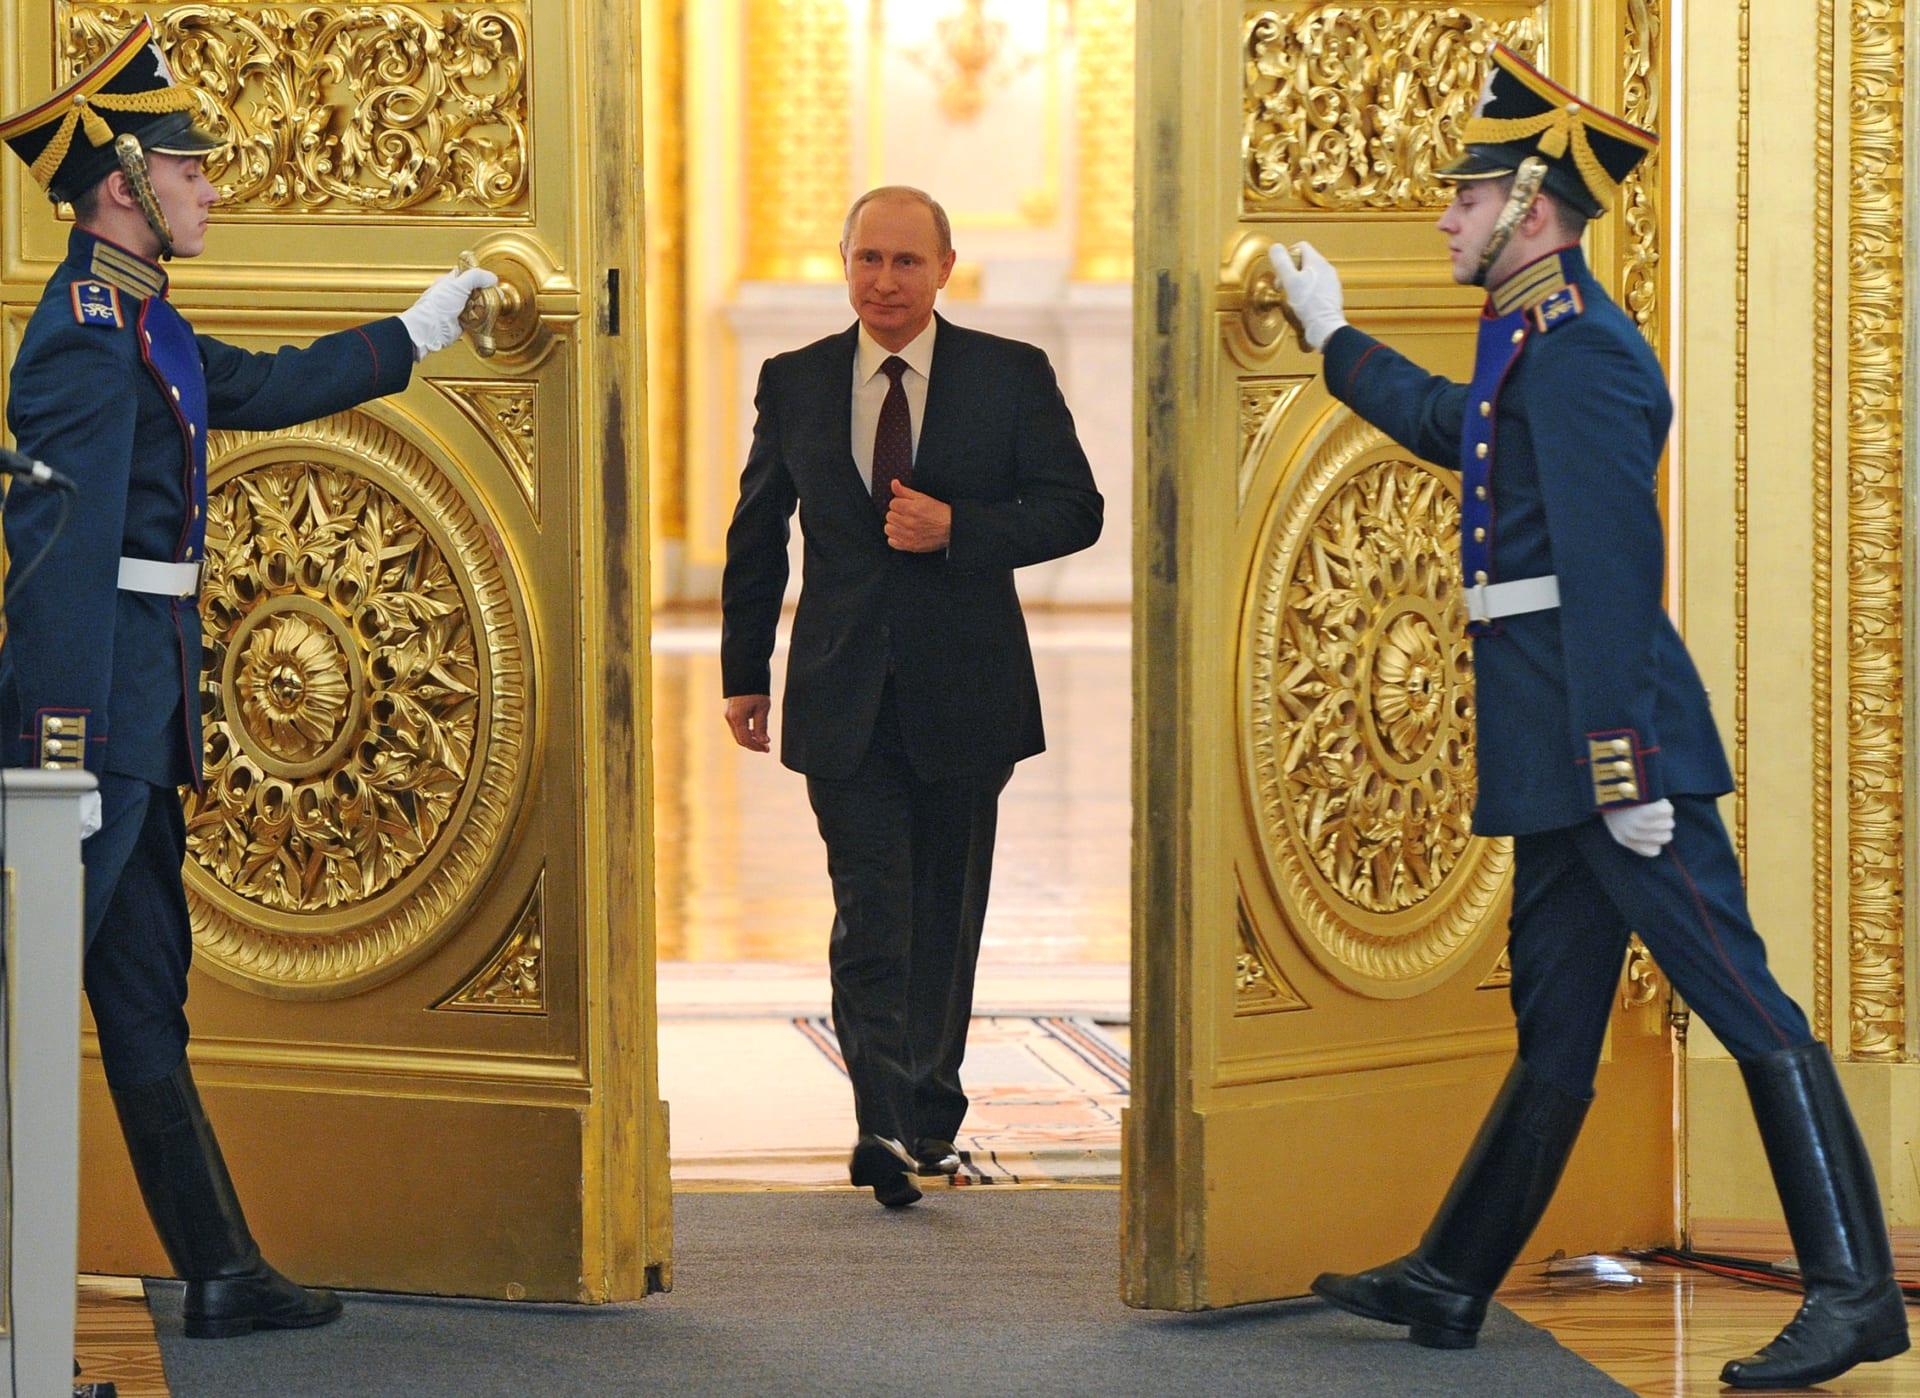 """الرئيس الروسي يرد على وصف بايدن لترامب بـ""""جرو بوتين"""": يعكس قوتنا ونفوذنا المذهلين"""